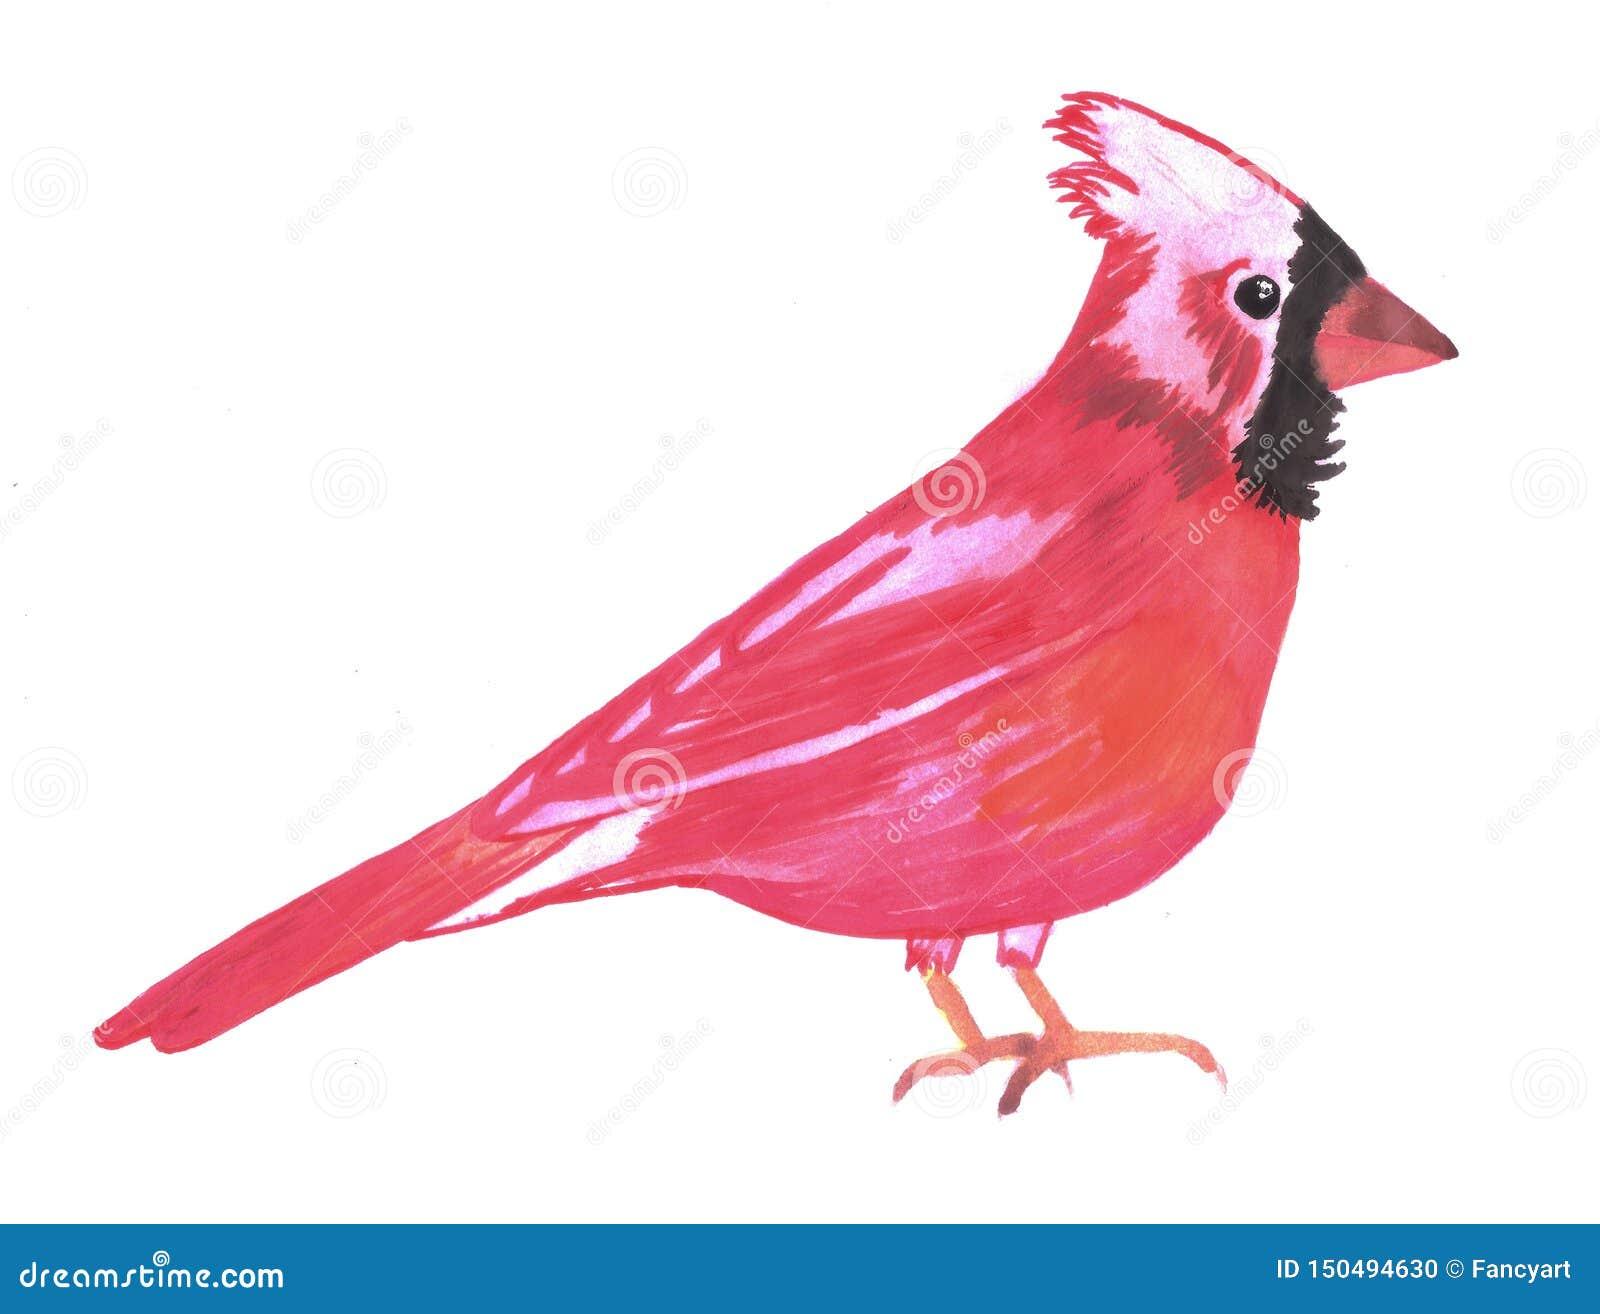 红色主要鸟水彩Cardinalis cardinalis